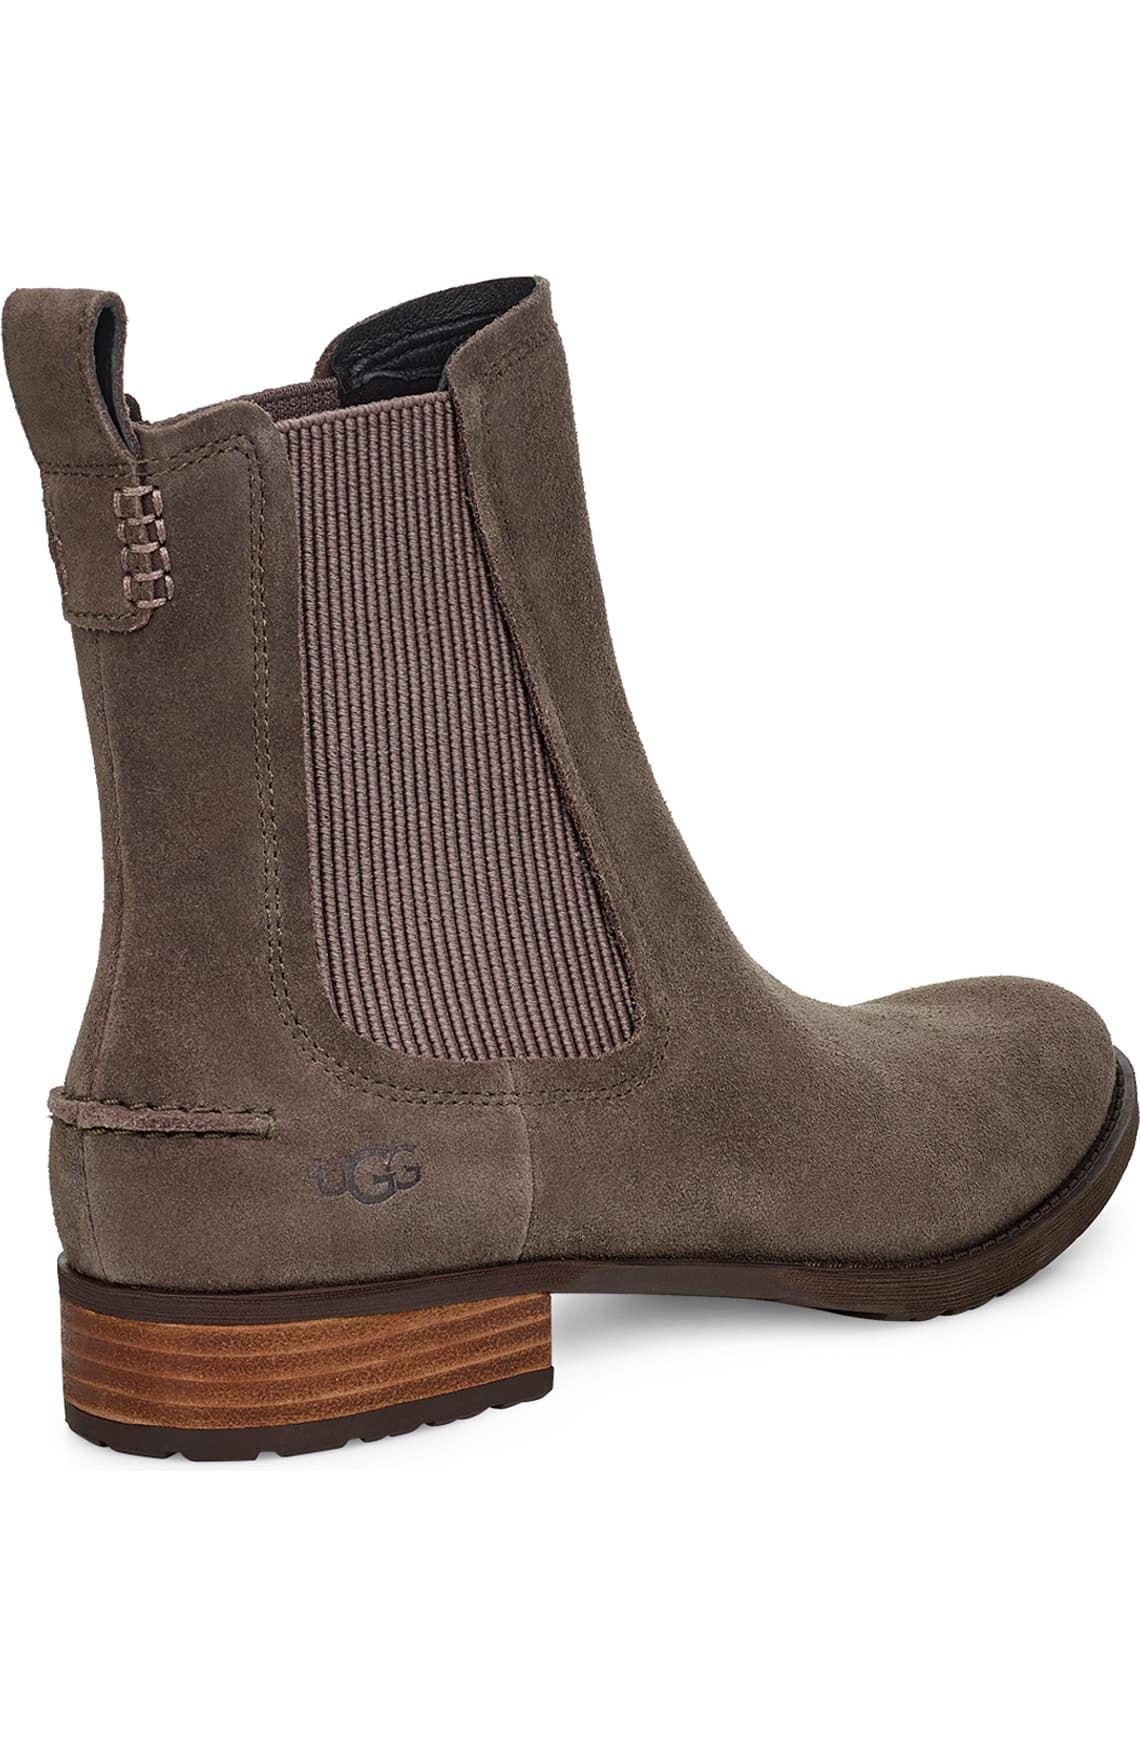 Hillhurst II Waterproof Chelsea Boot